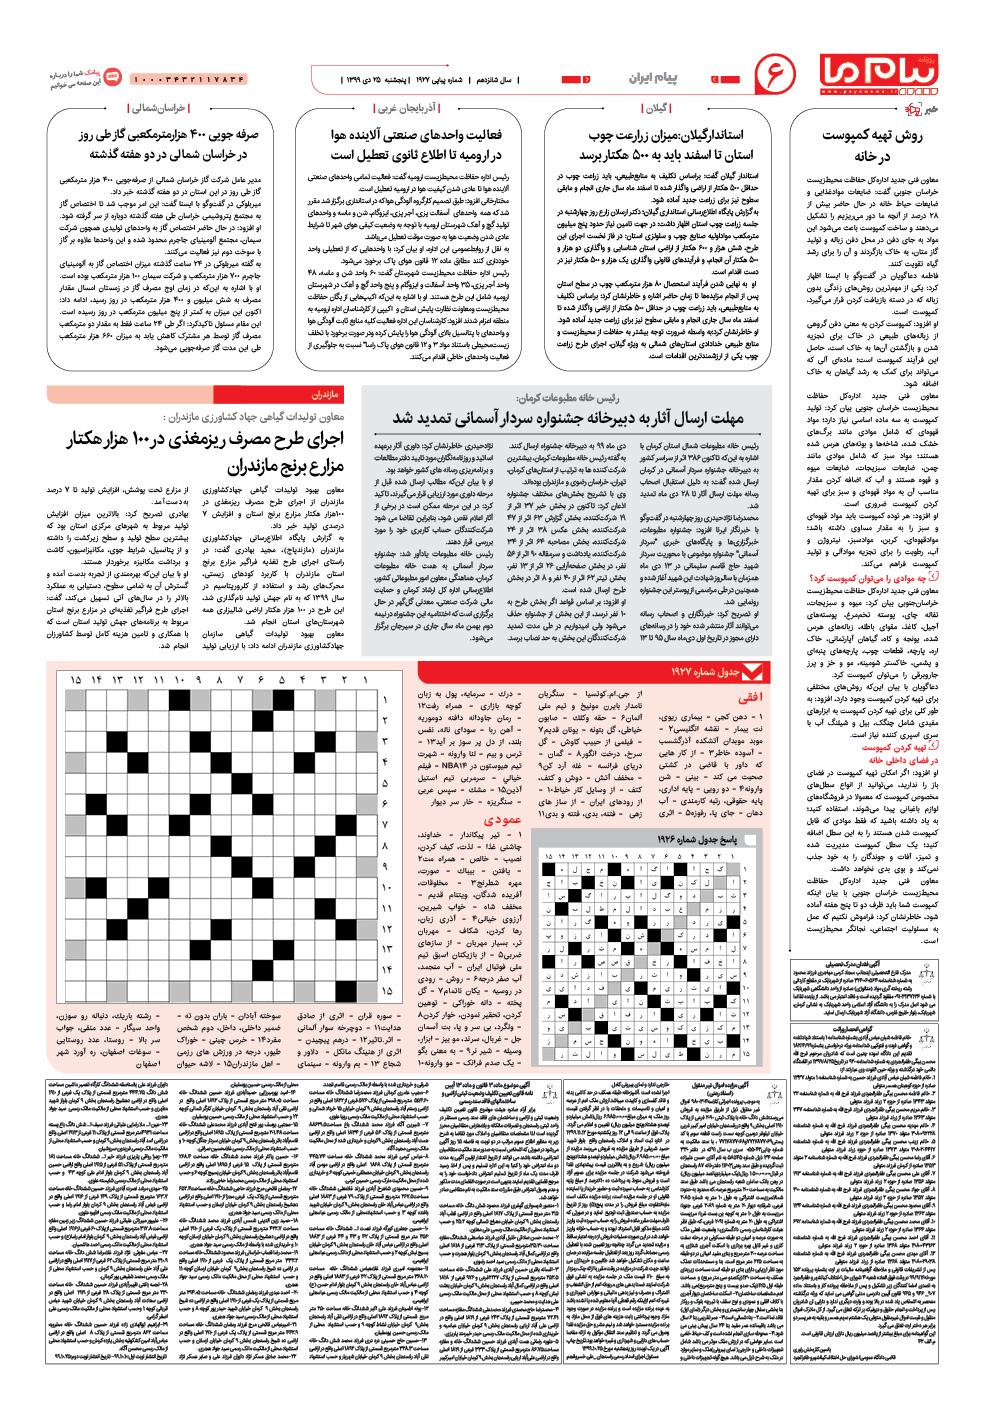 صفحه پیام ایران شماره ۱۹۲۷ روزنامه پیام ما